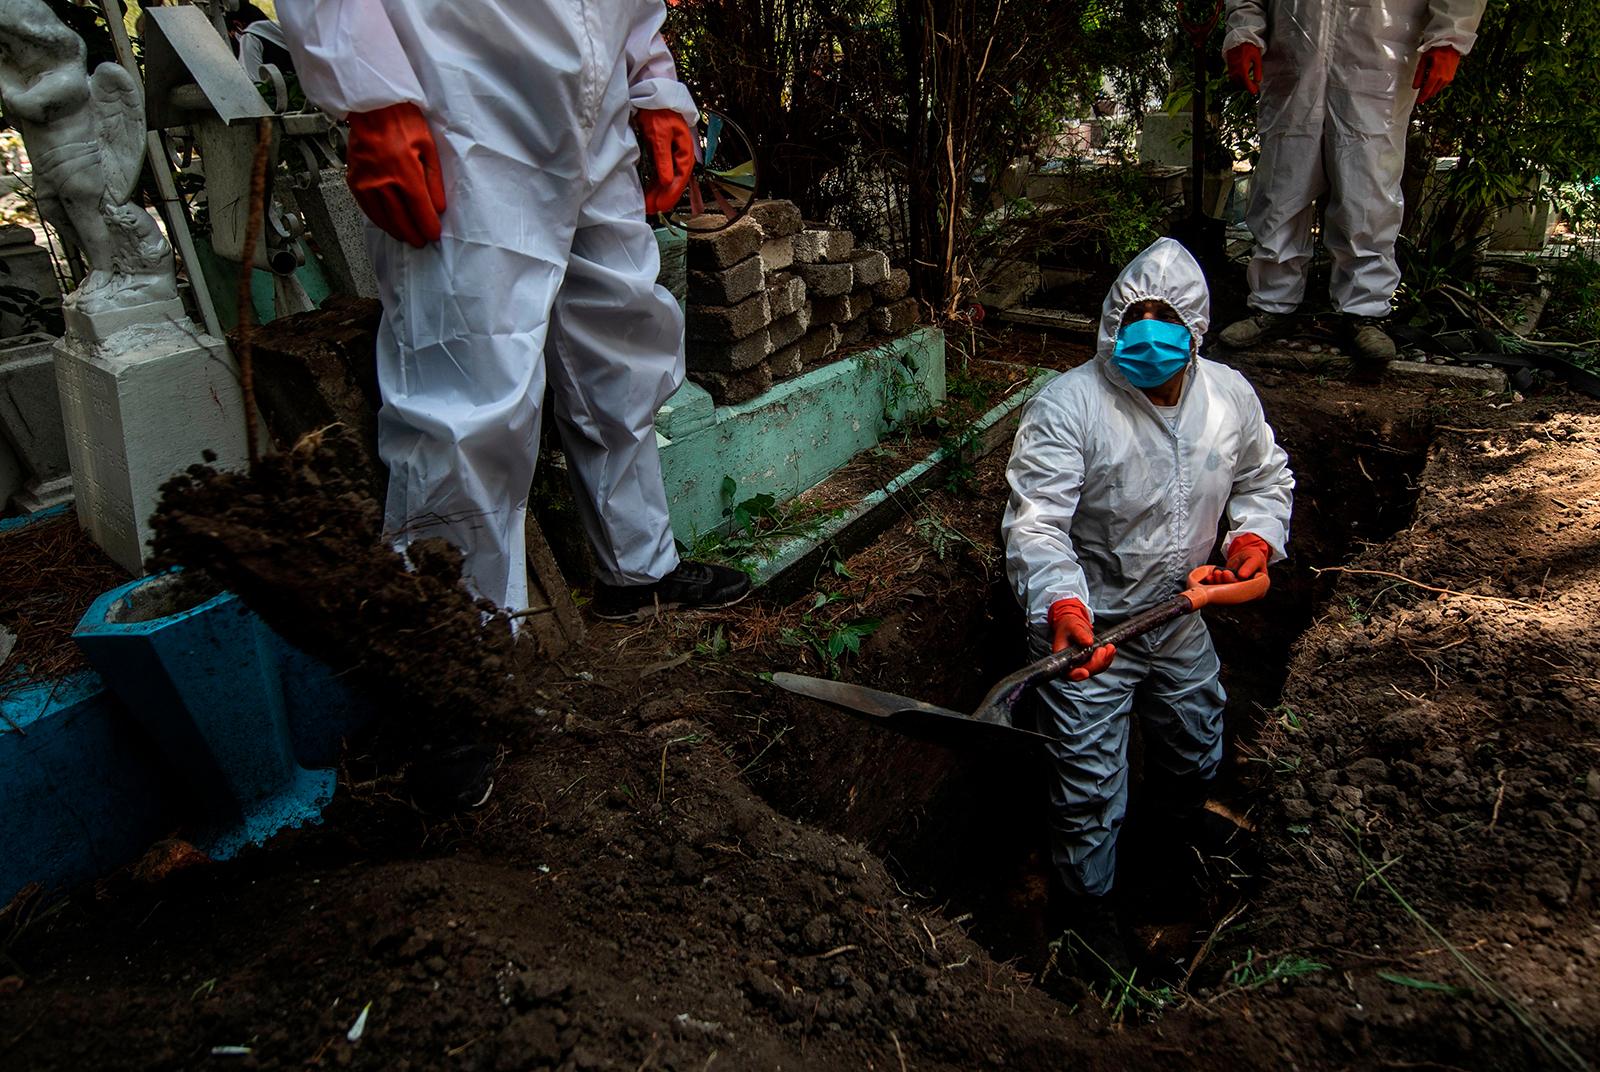 Mbi 1,300 personel shëndetësor kanë humbur jetën nga Covid-19 në Meksikë